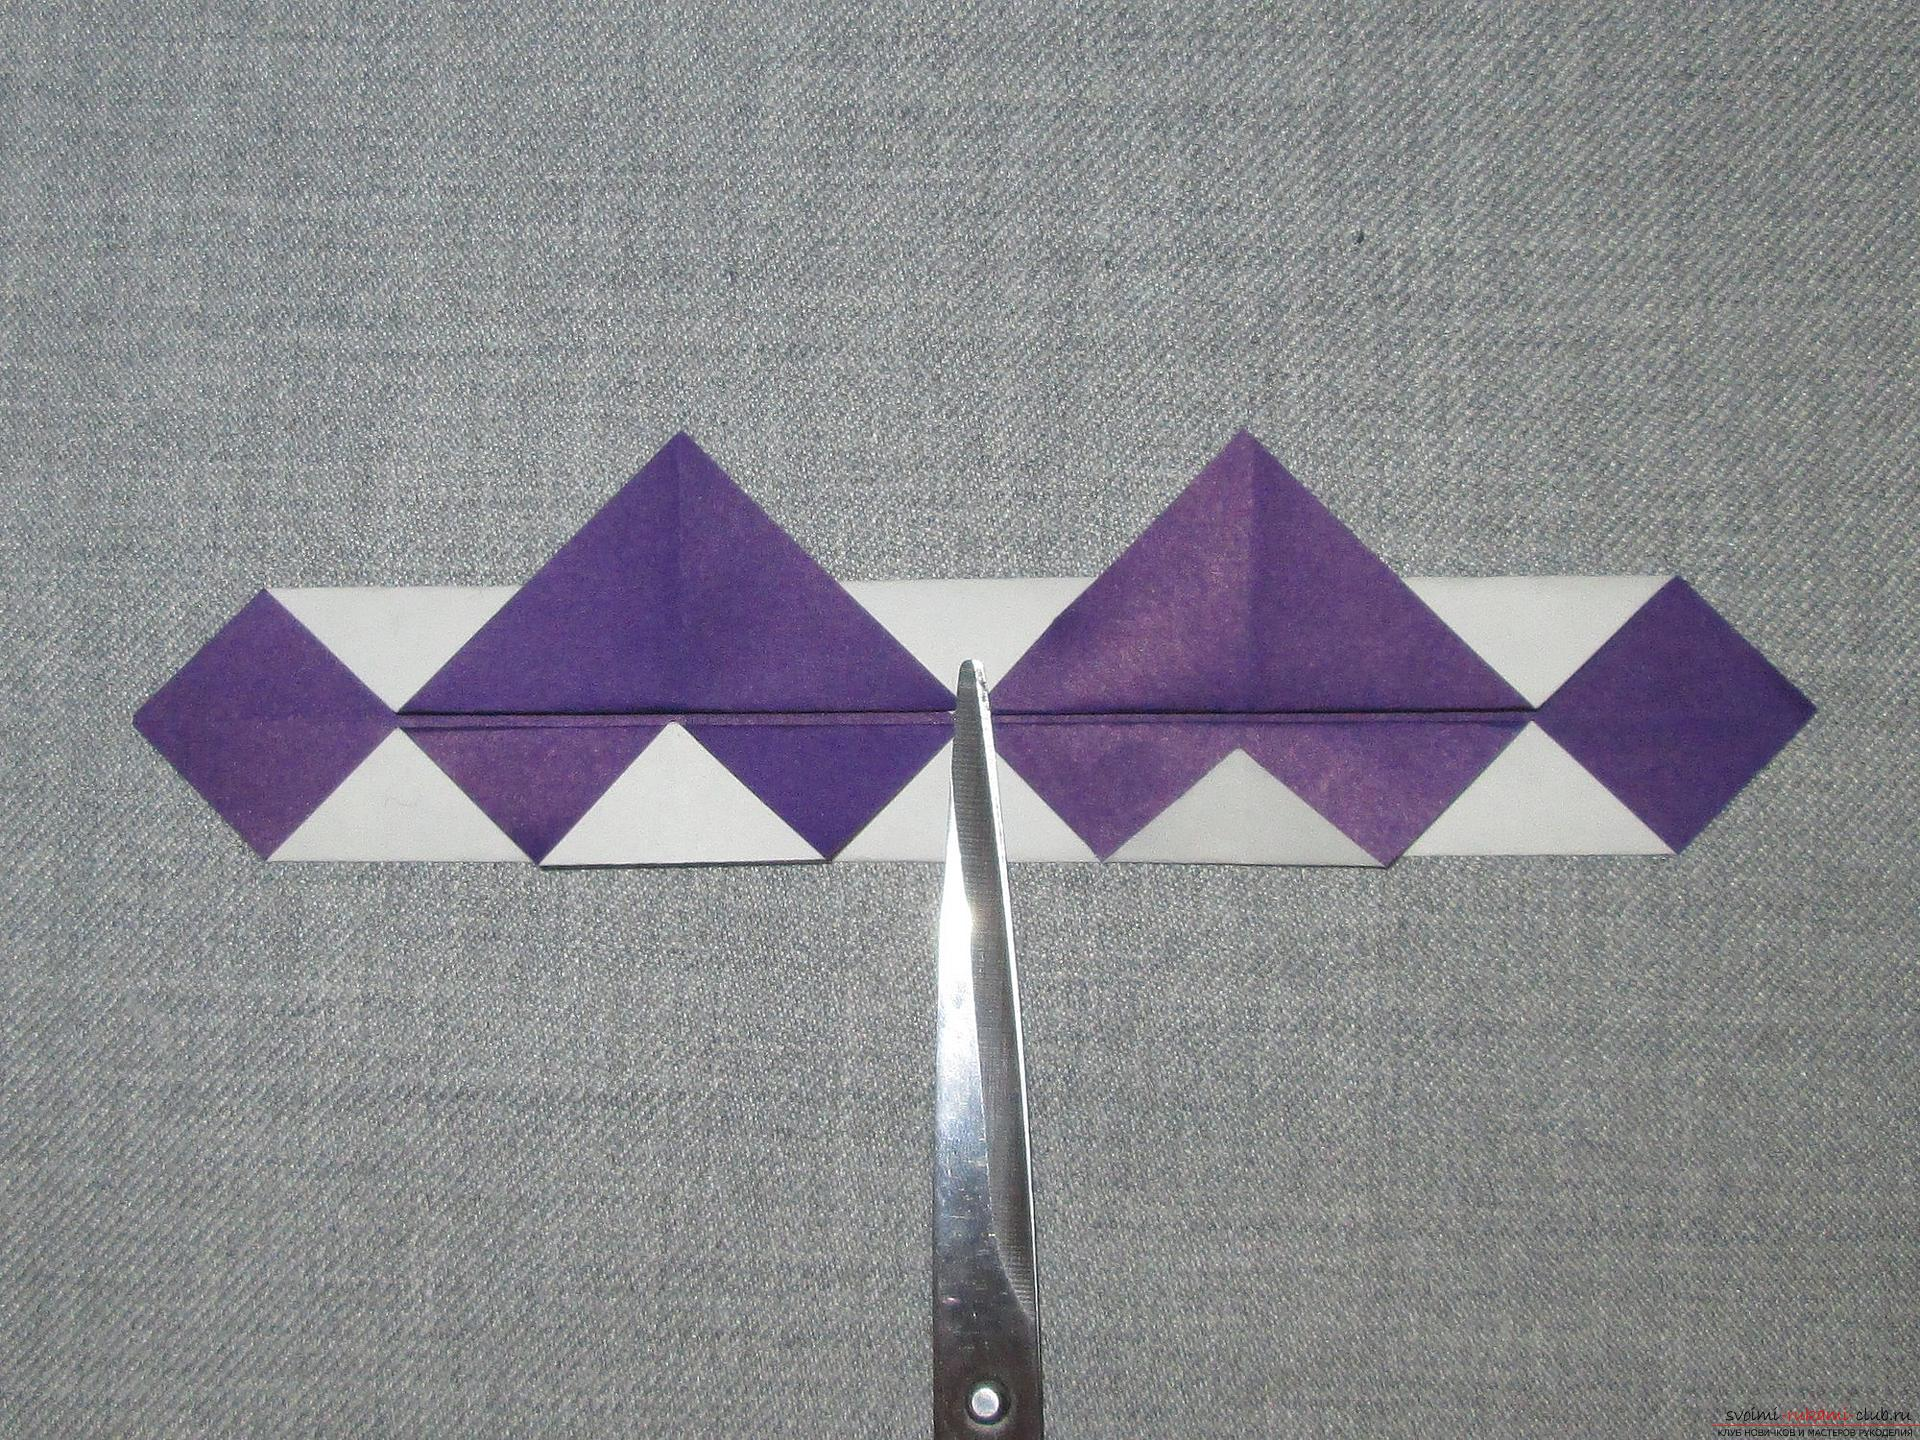 Deze gedetailleerde masterclass met foto en beschrijving leert je hoe je origami voor beginners kunt maken - origami-kroon gemaakt van papier .. Foto # 10